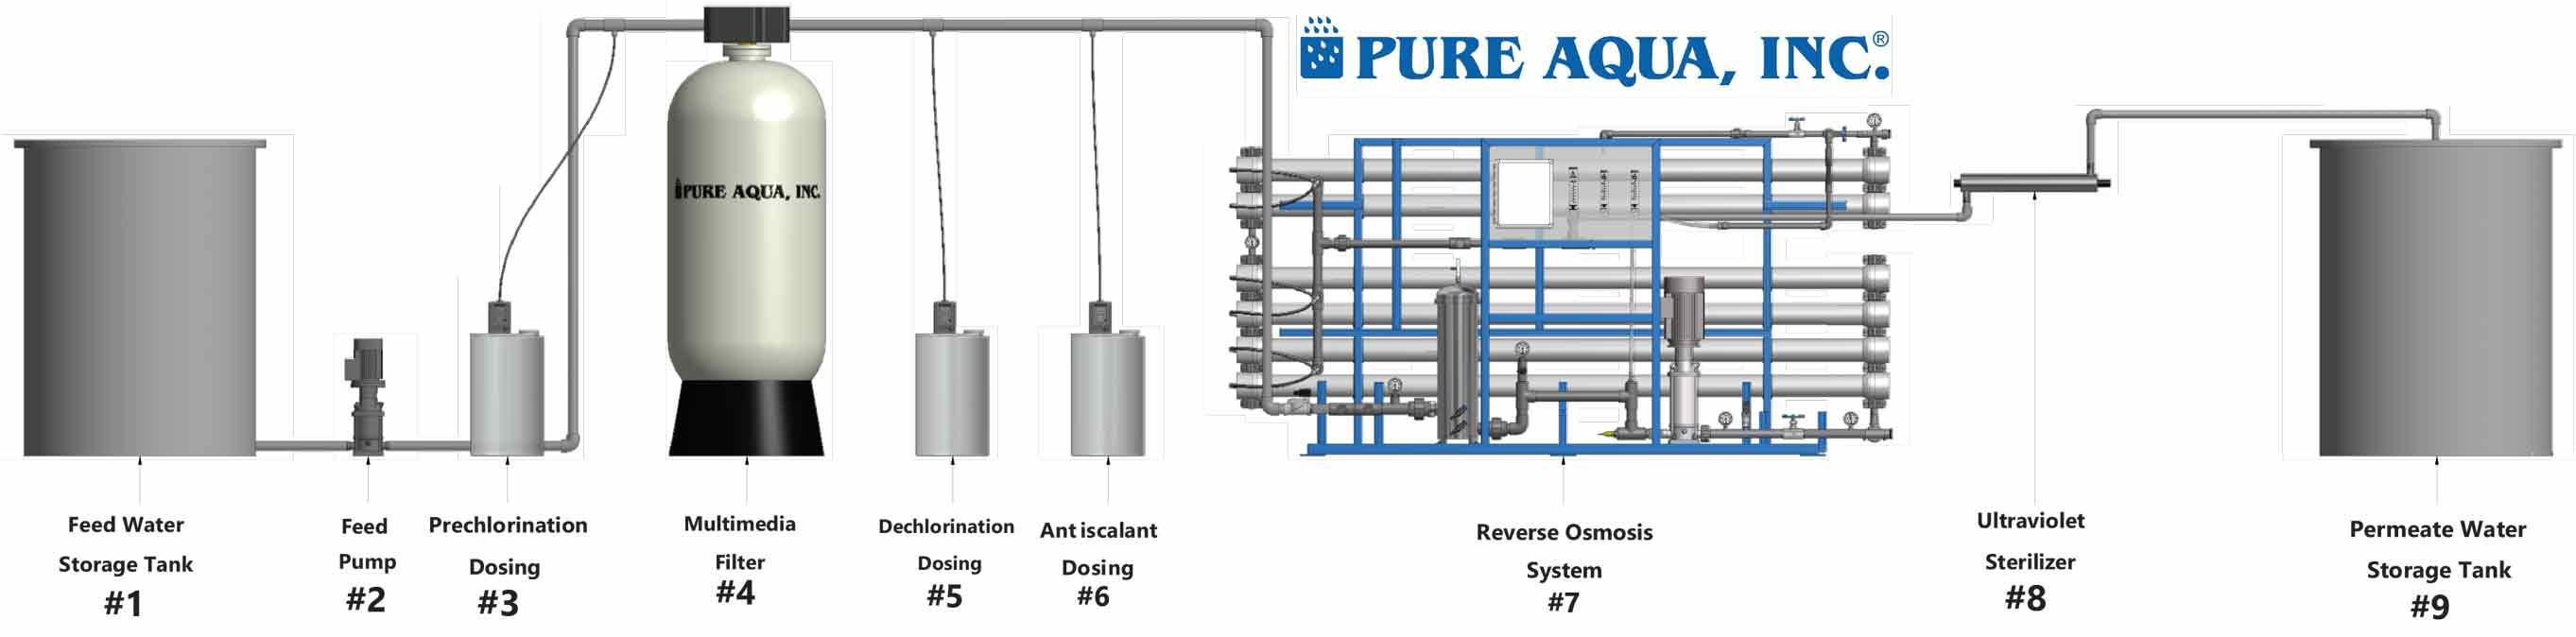 tratamiento-de-agua-sistemas-alimentos-y-bebidas.jpg